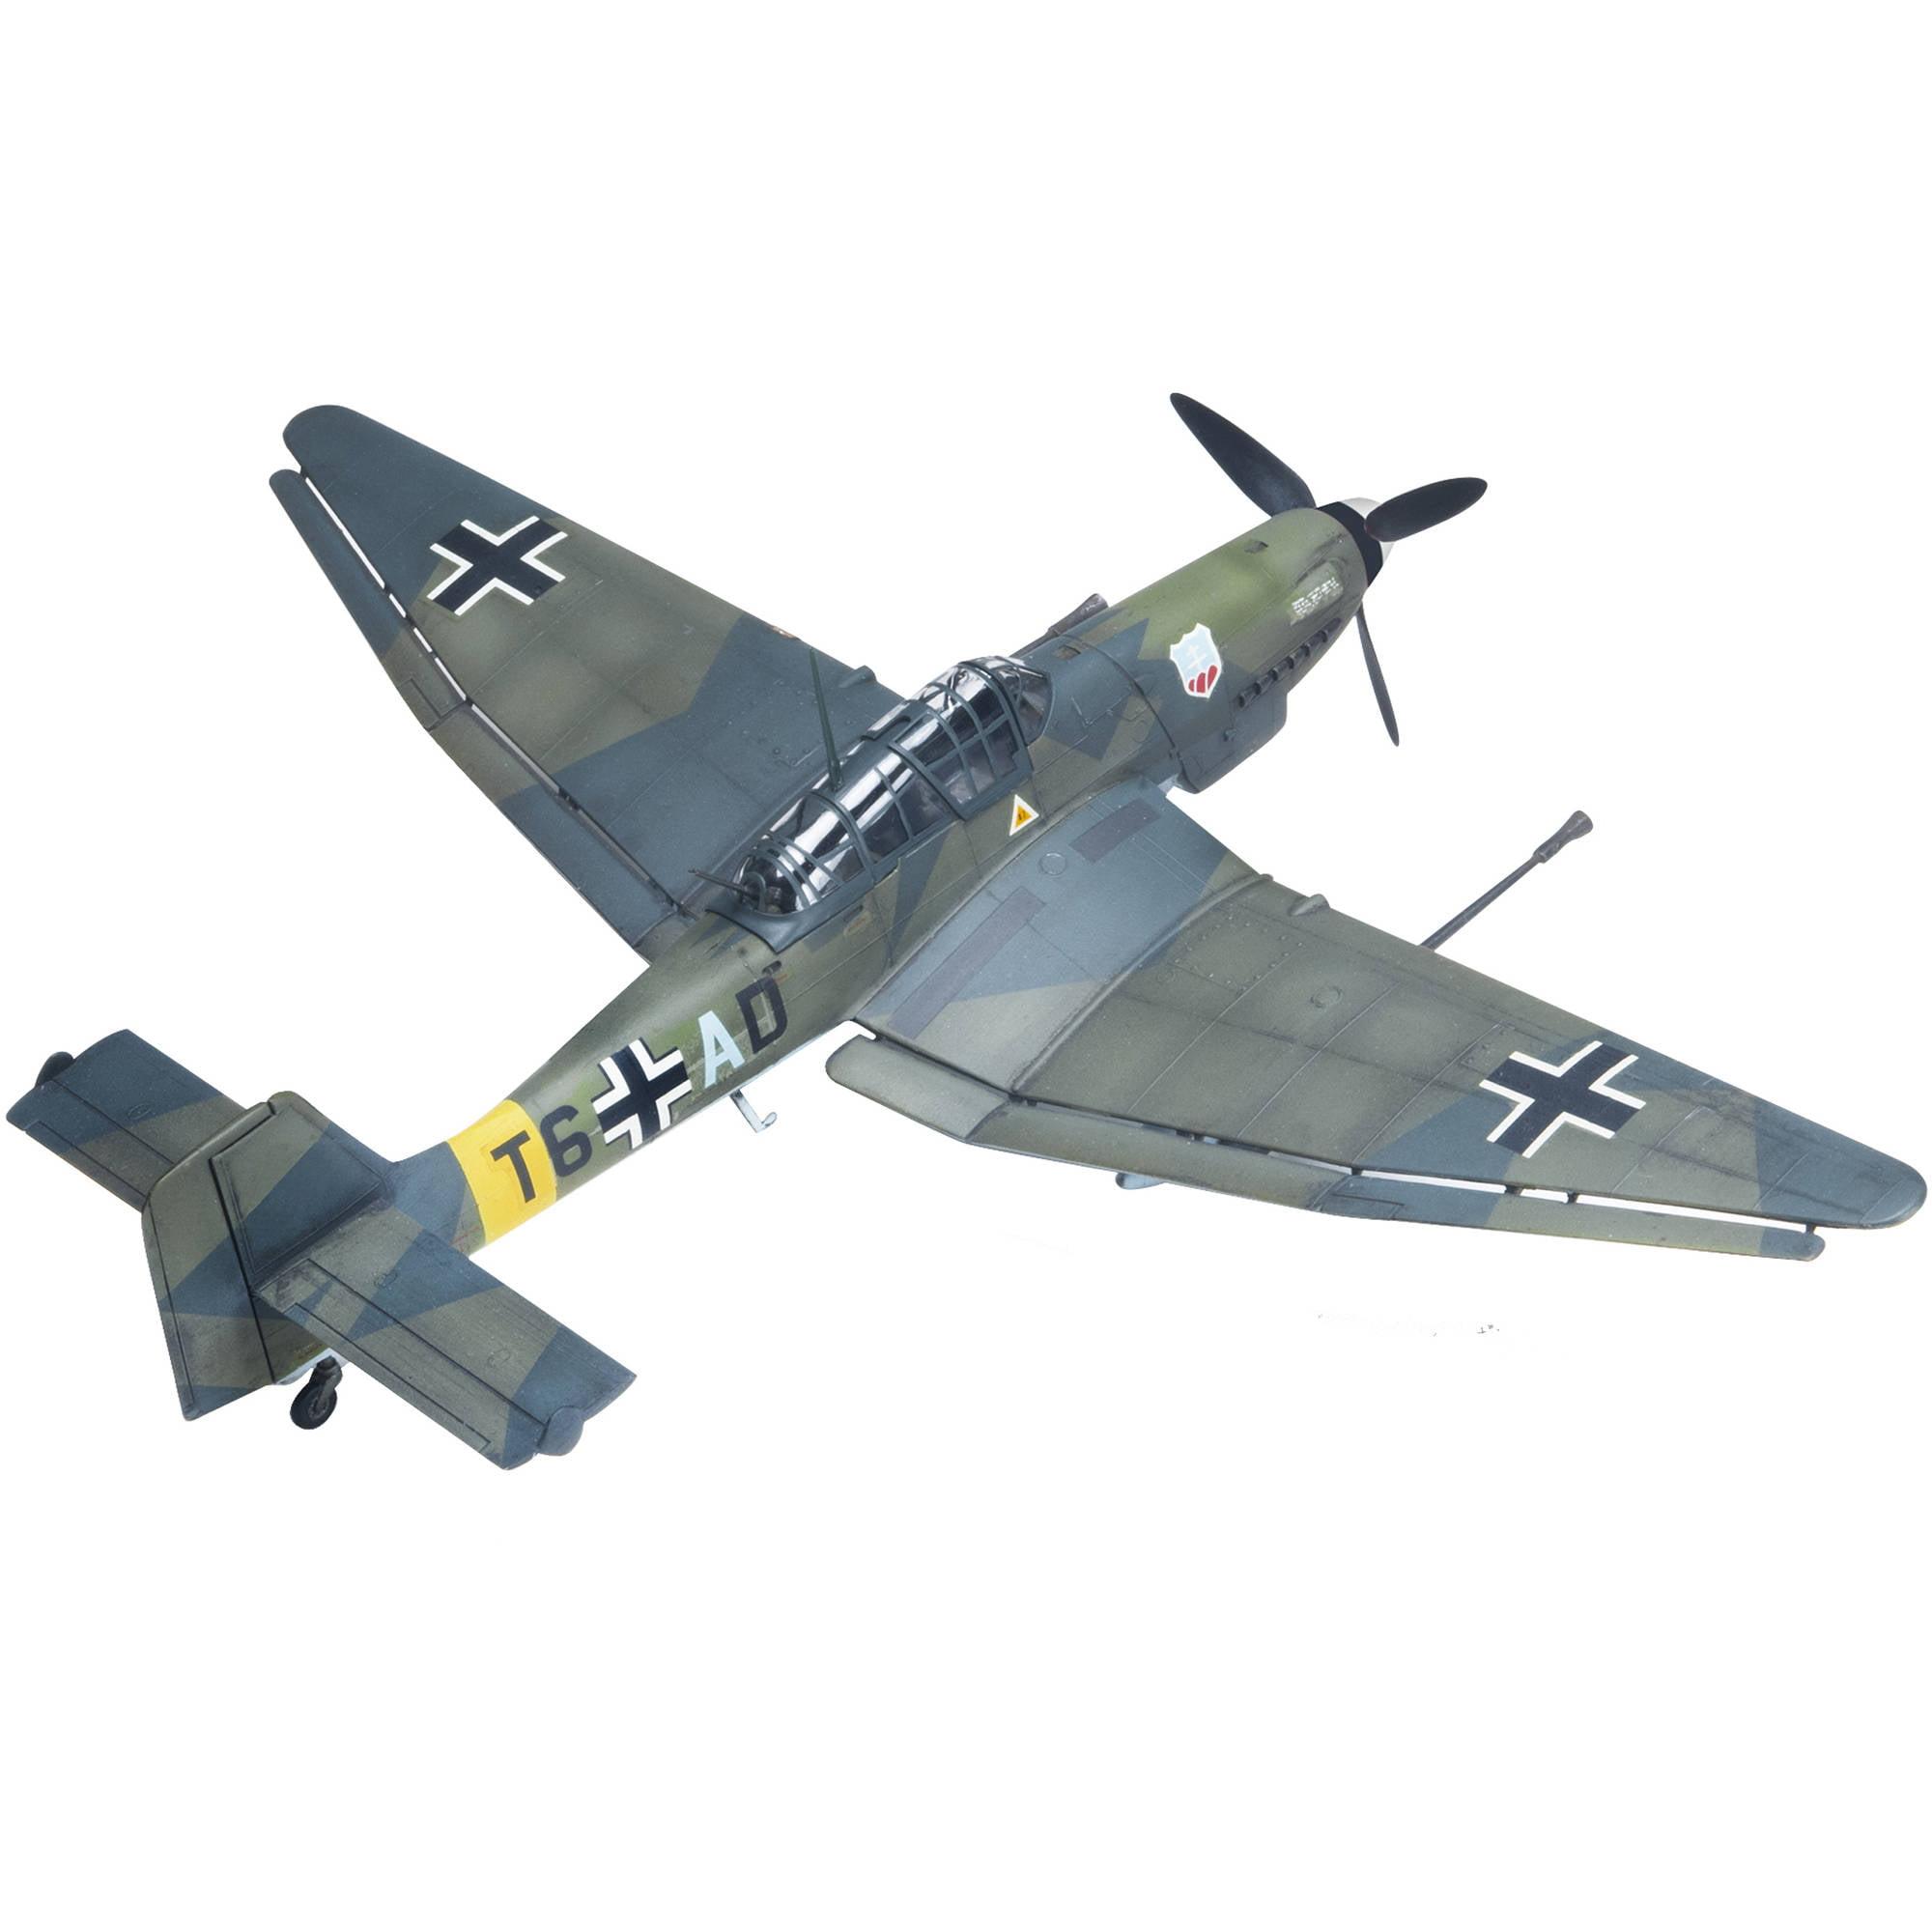 Revell 1:48 Stuka Ju 87G-1 Tank Buster Plastic Model Kit by Revell